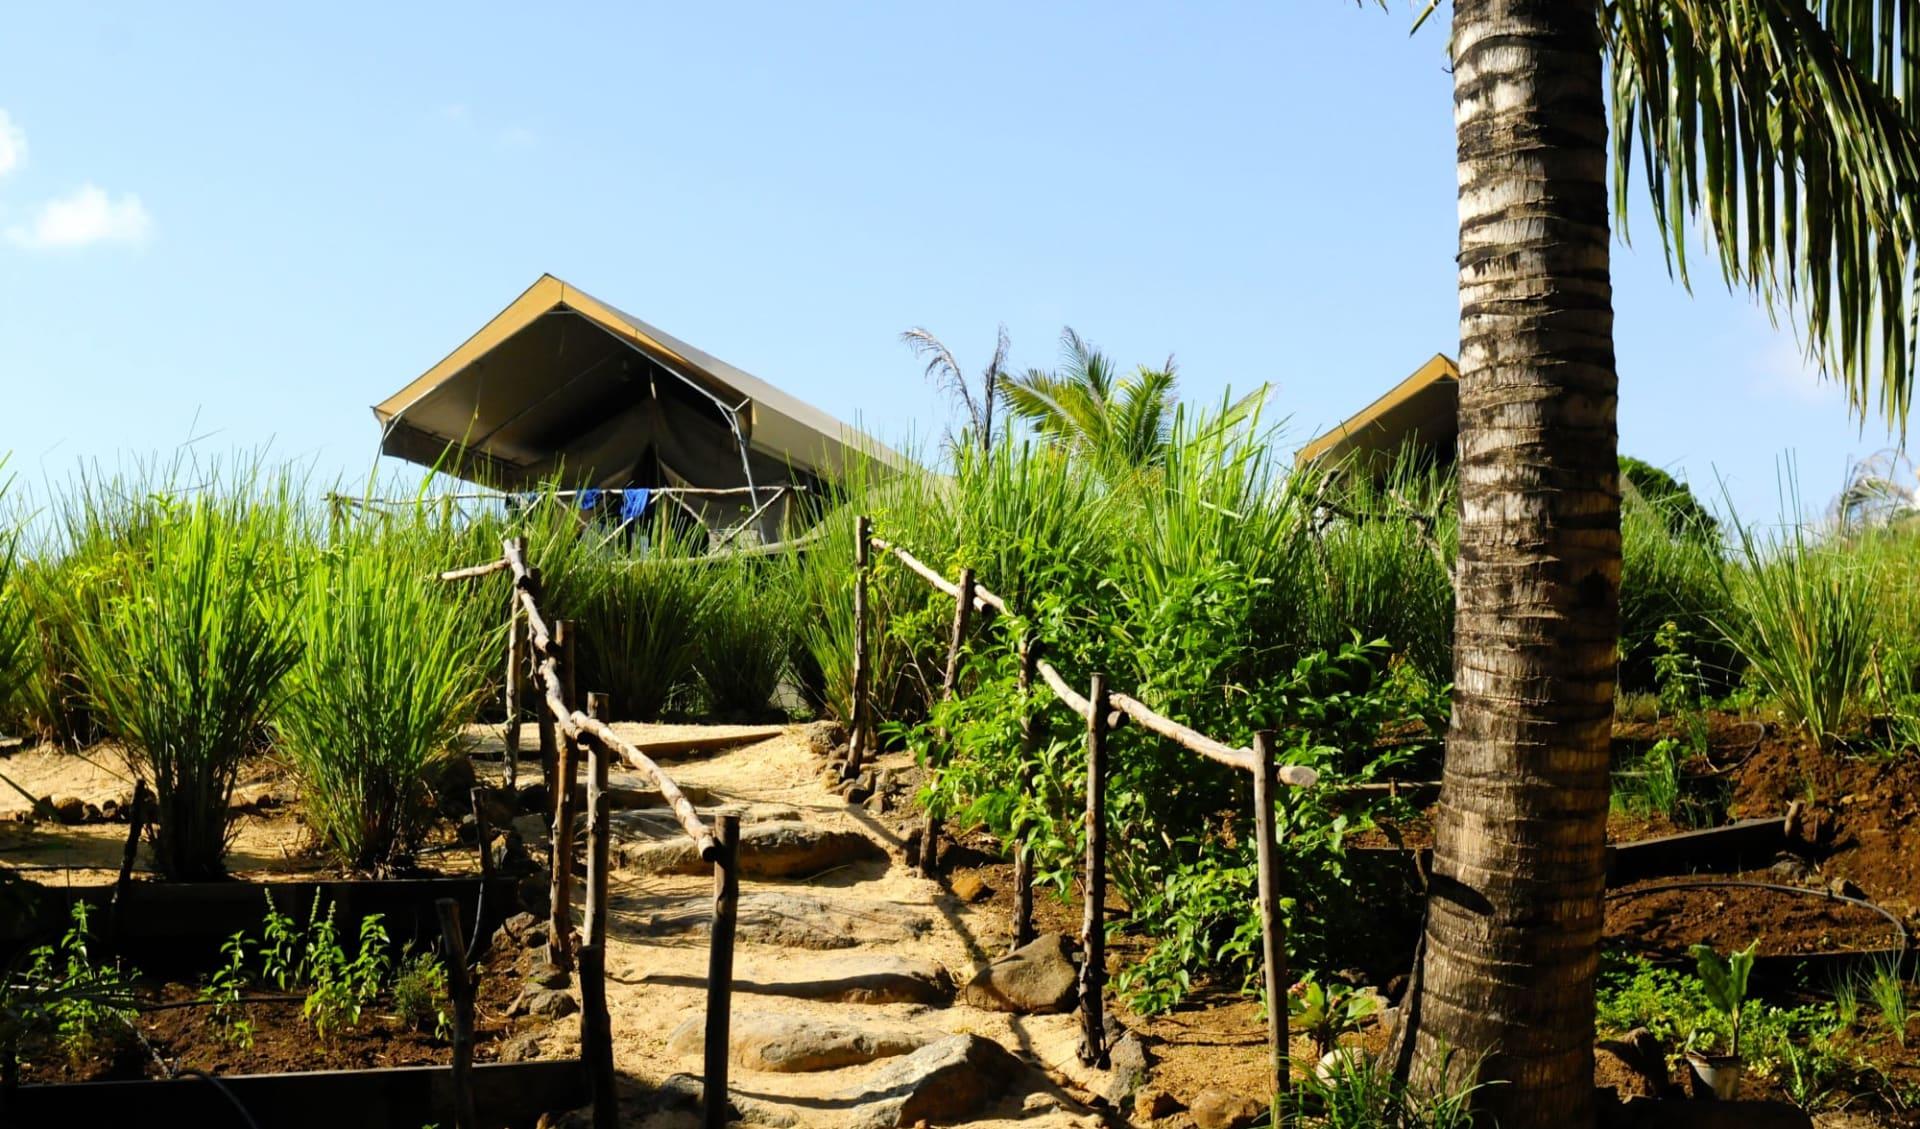 Otentic Eco Tent River Experience in Grande Rivière Sud Est: Tent